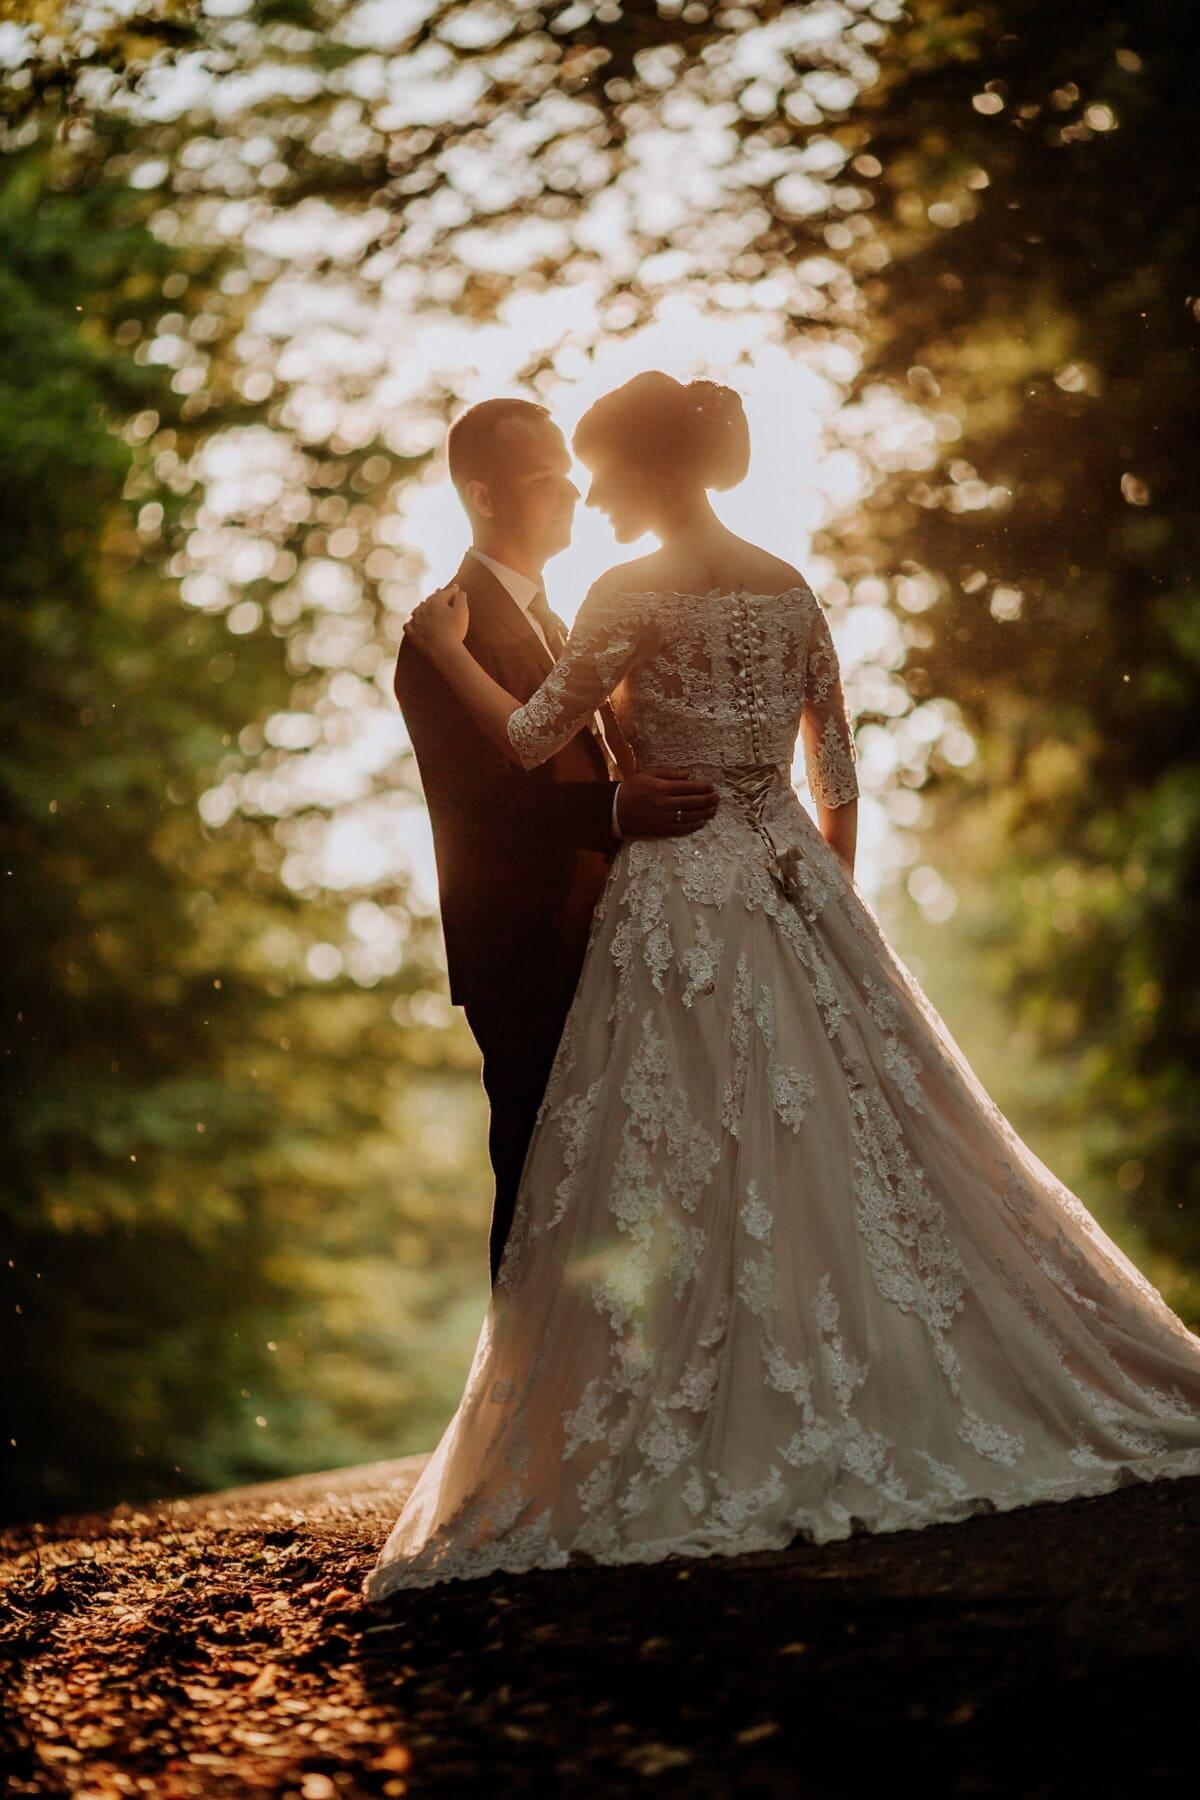 romantique, la mariée, coucher de soleil, jeune marié, route forestière, robe, mariage, jeune fille, amour, mariage